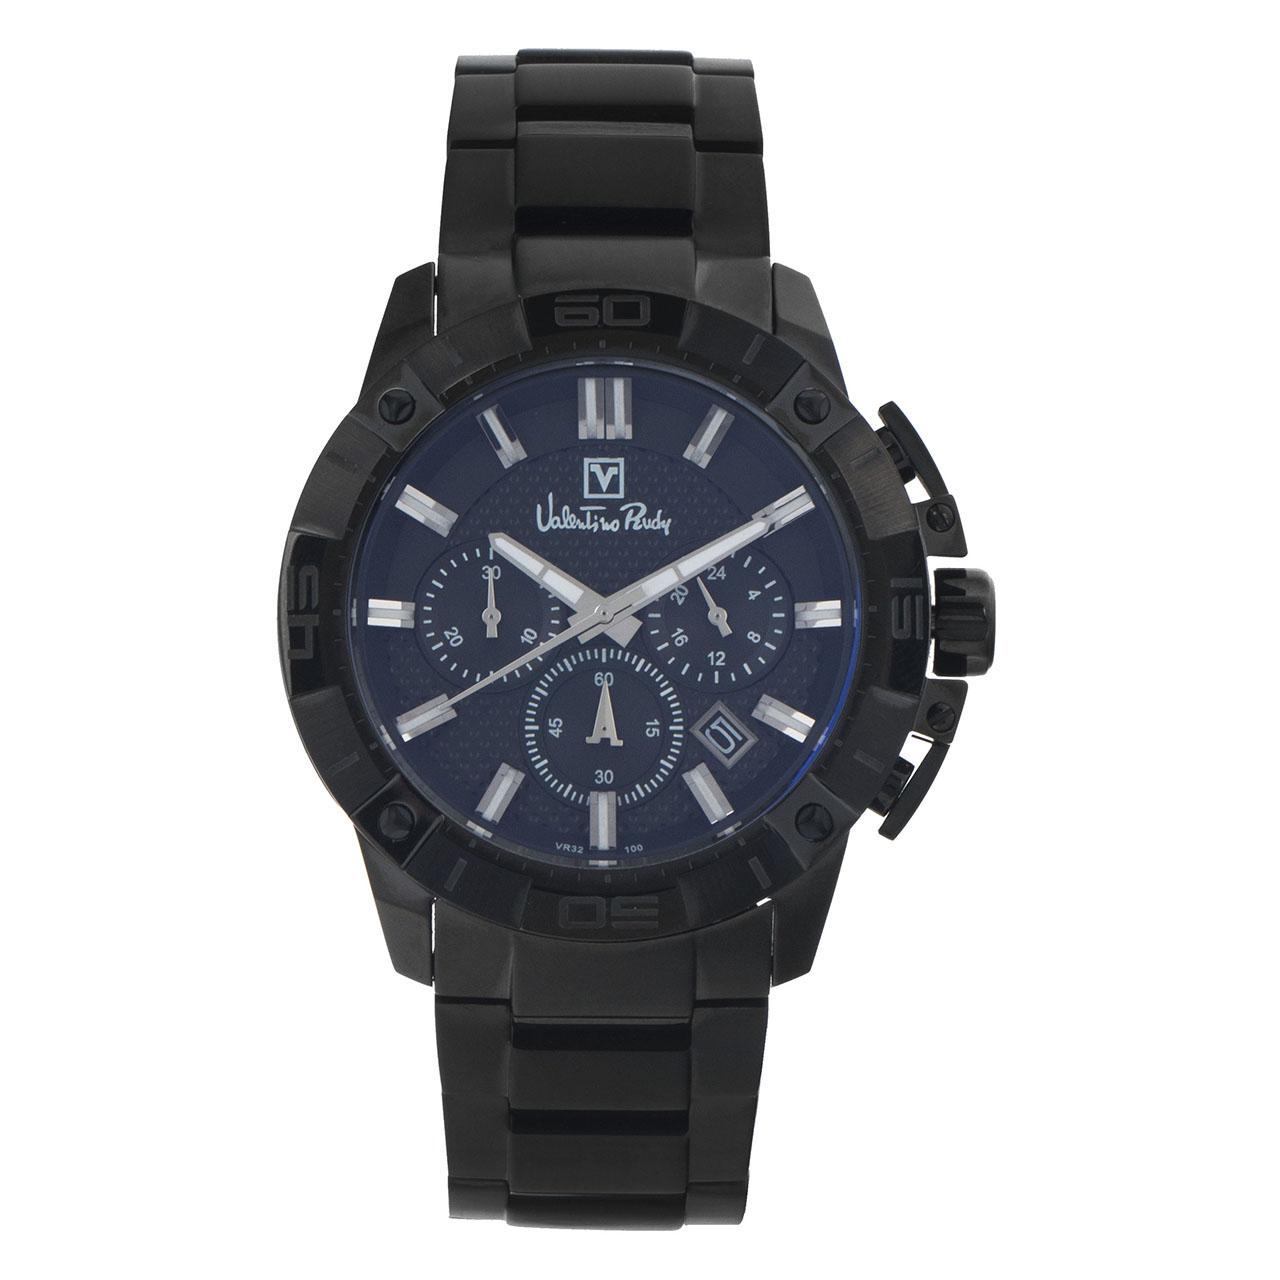 ساعت مچی عقربه ای مردانه والنتینو رودی مدل VR100-1732S 10